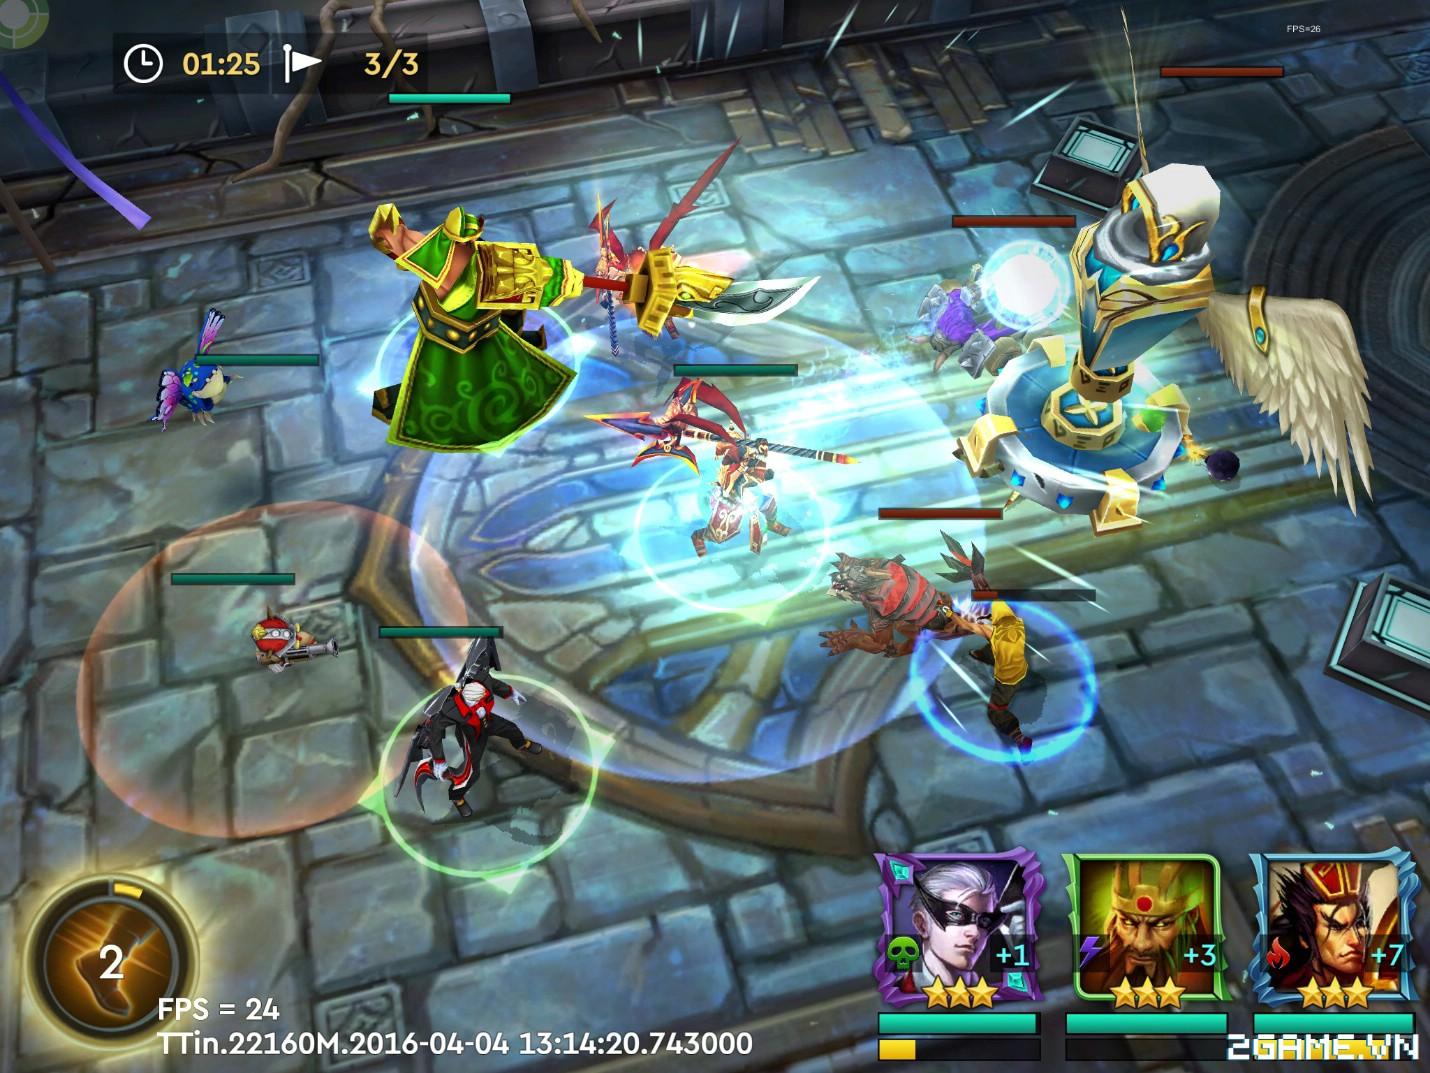 SohaGame nhá hàng 3 game mobile online mới sắp ra mắt trong tháng 5 4